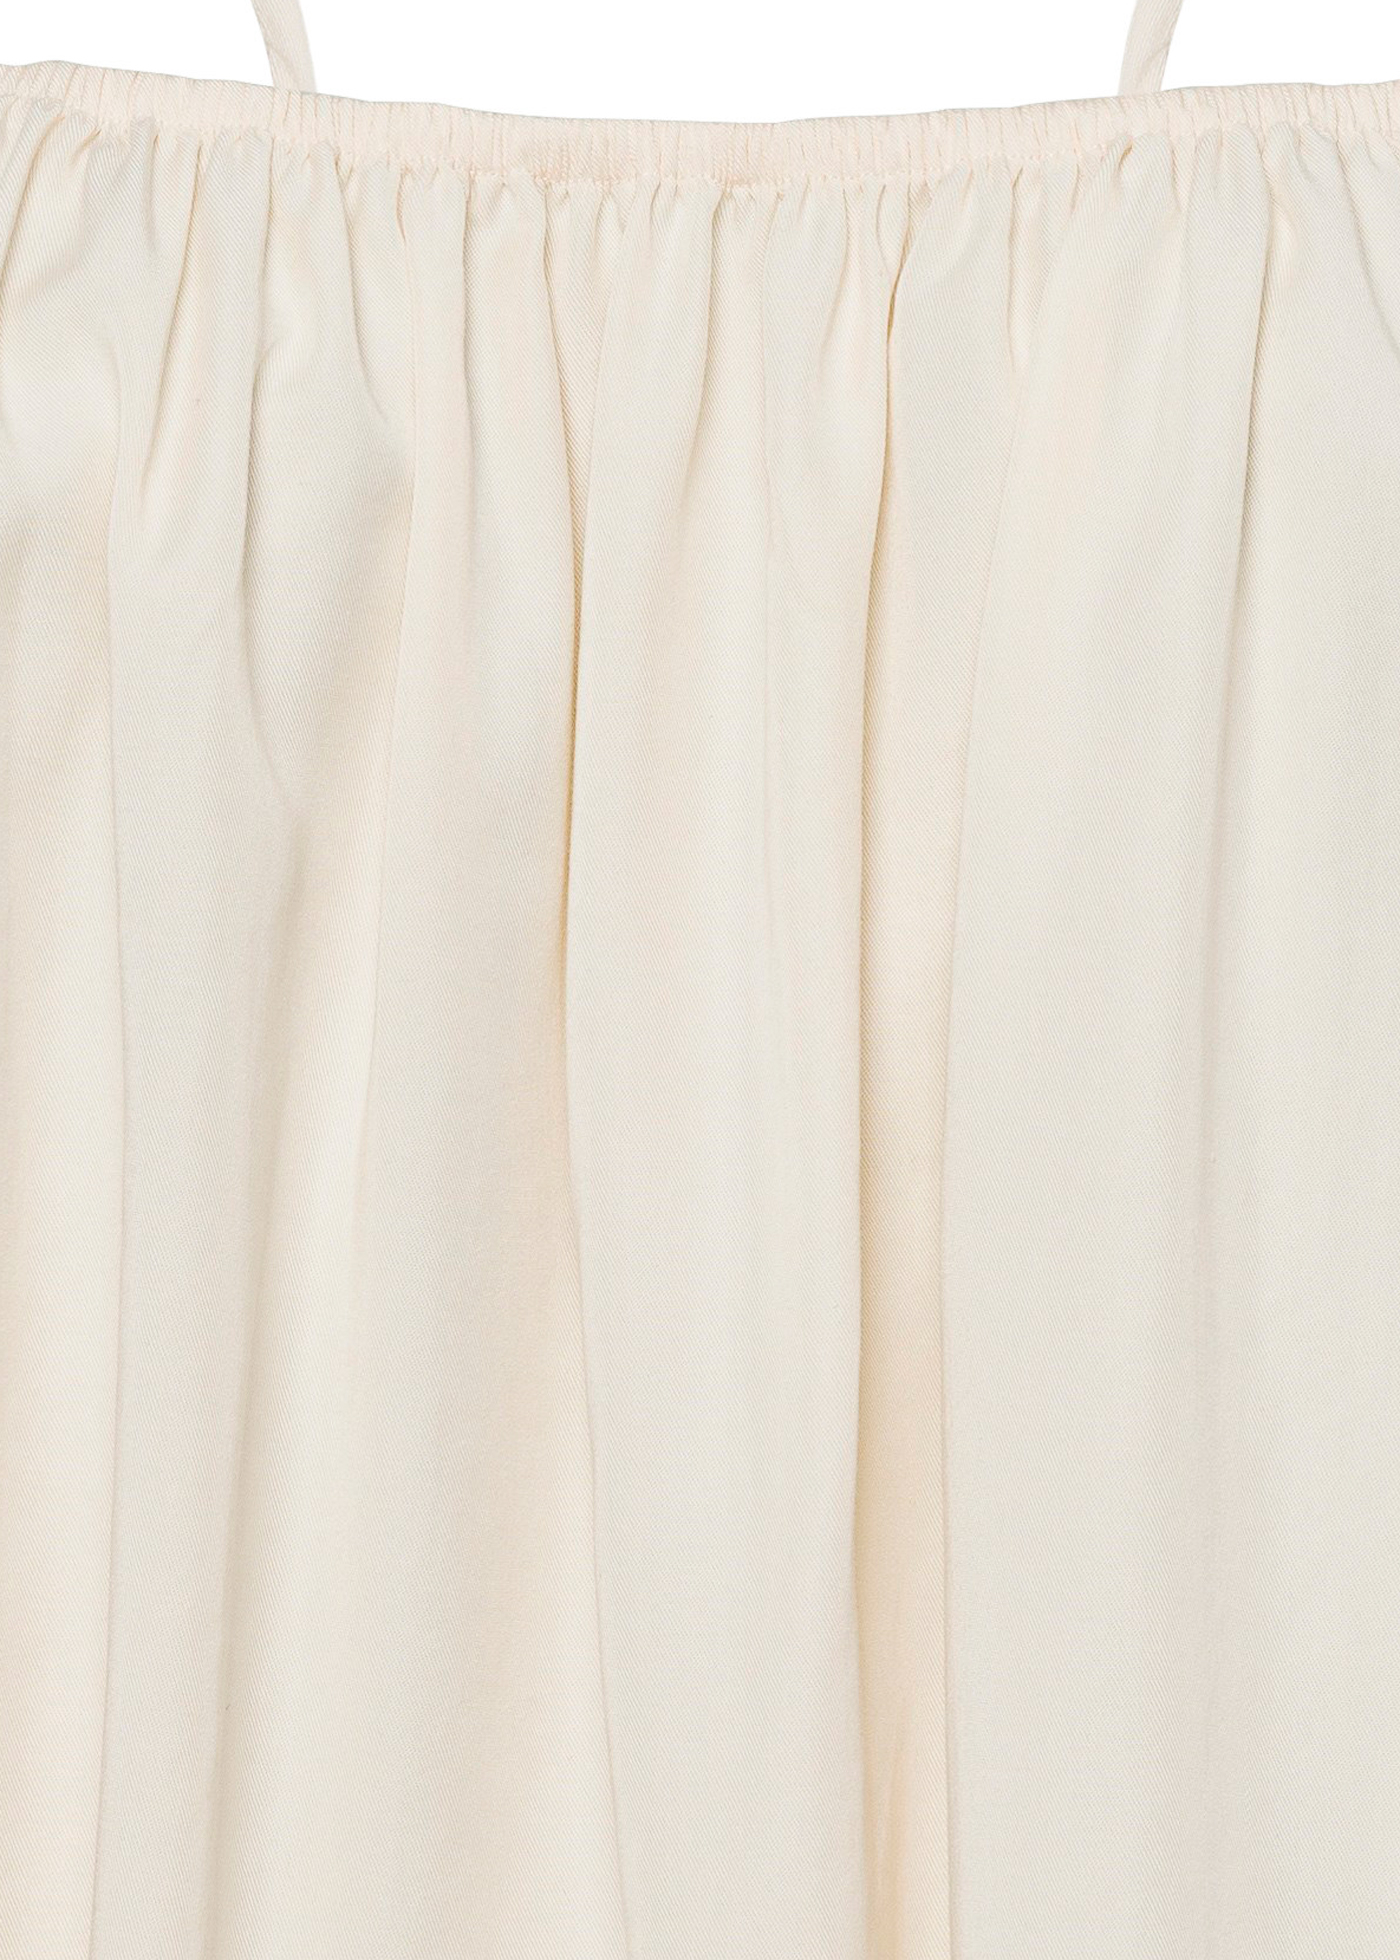 Lina Dress image number 2